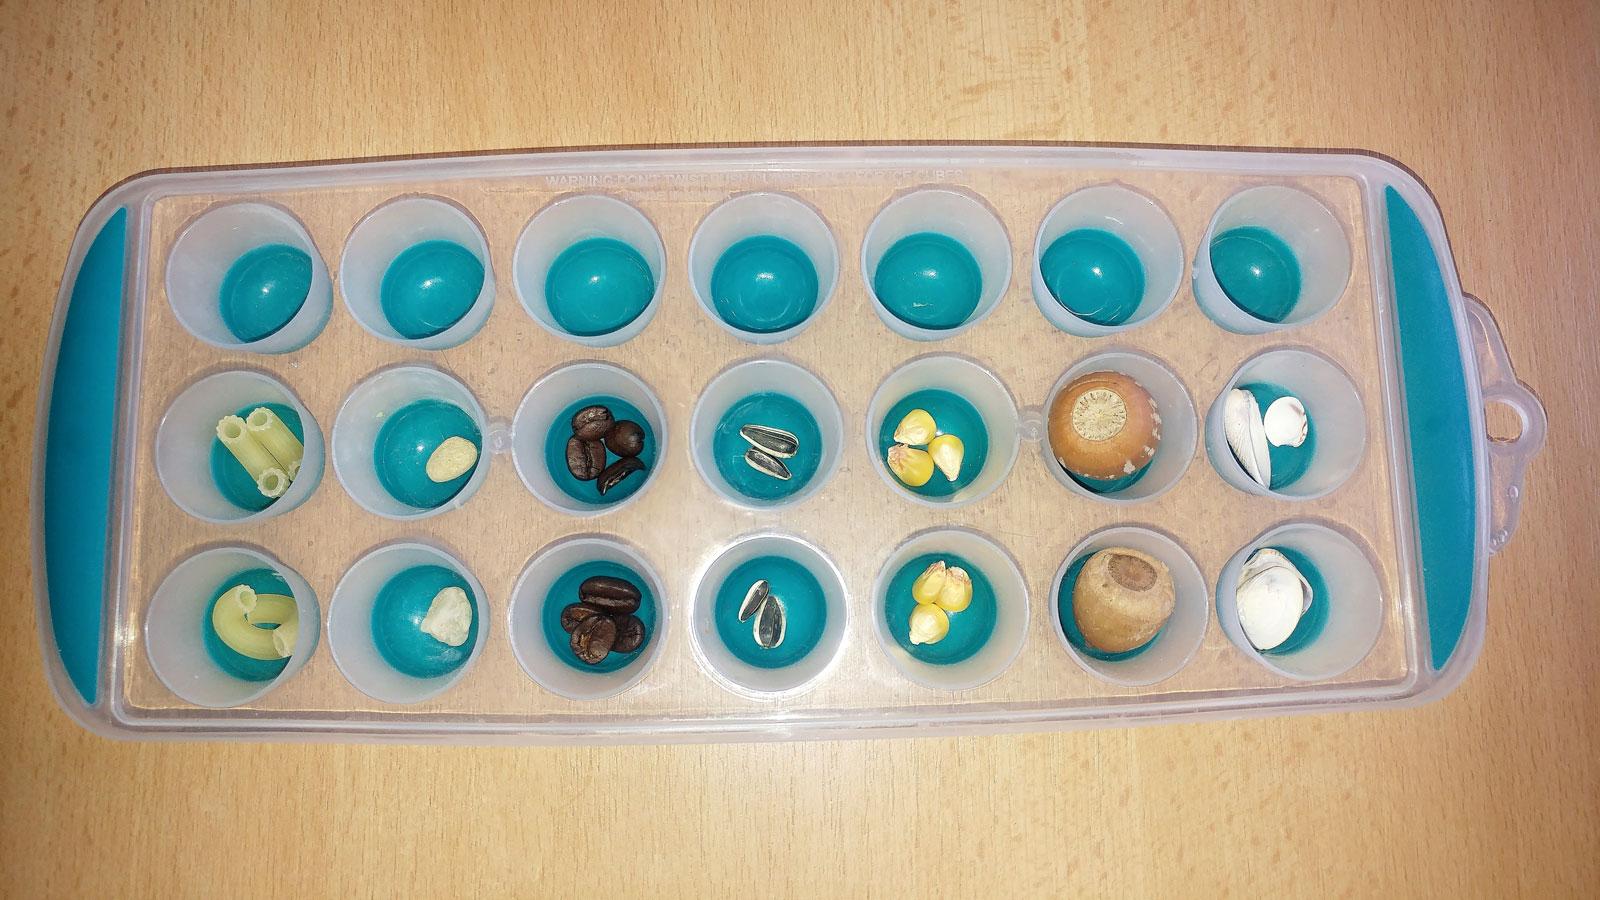 Hra rozvíjejí matematické dovednosti s pomocí tvořítka na led a přírodnin_6. Dítě doplnilo 3. řádek - o 1 předmět víc v každém poli, oproti předchozím řádkům. Zdroj Archiv Vladimíry Tomíkové